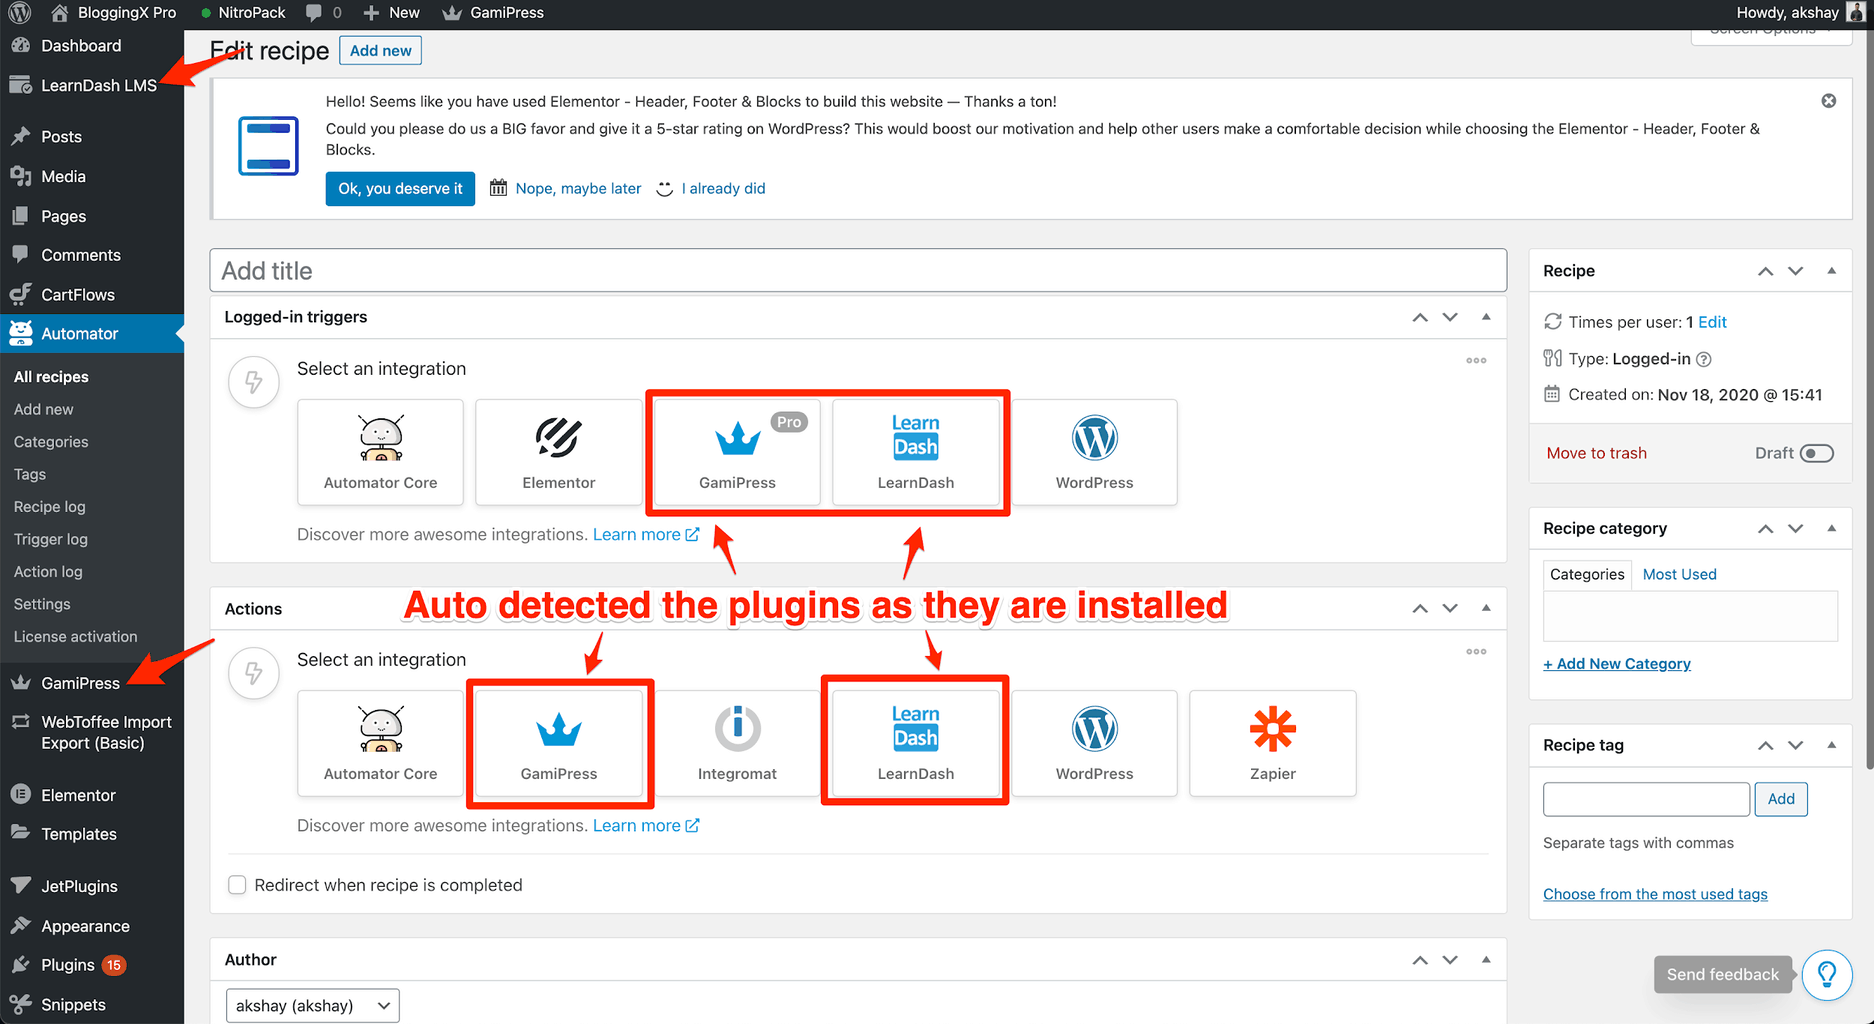 Plugins auto detected